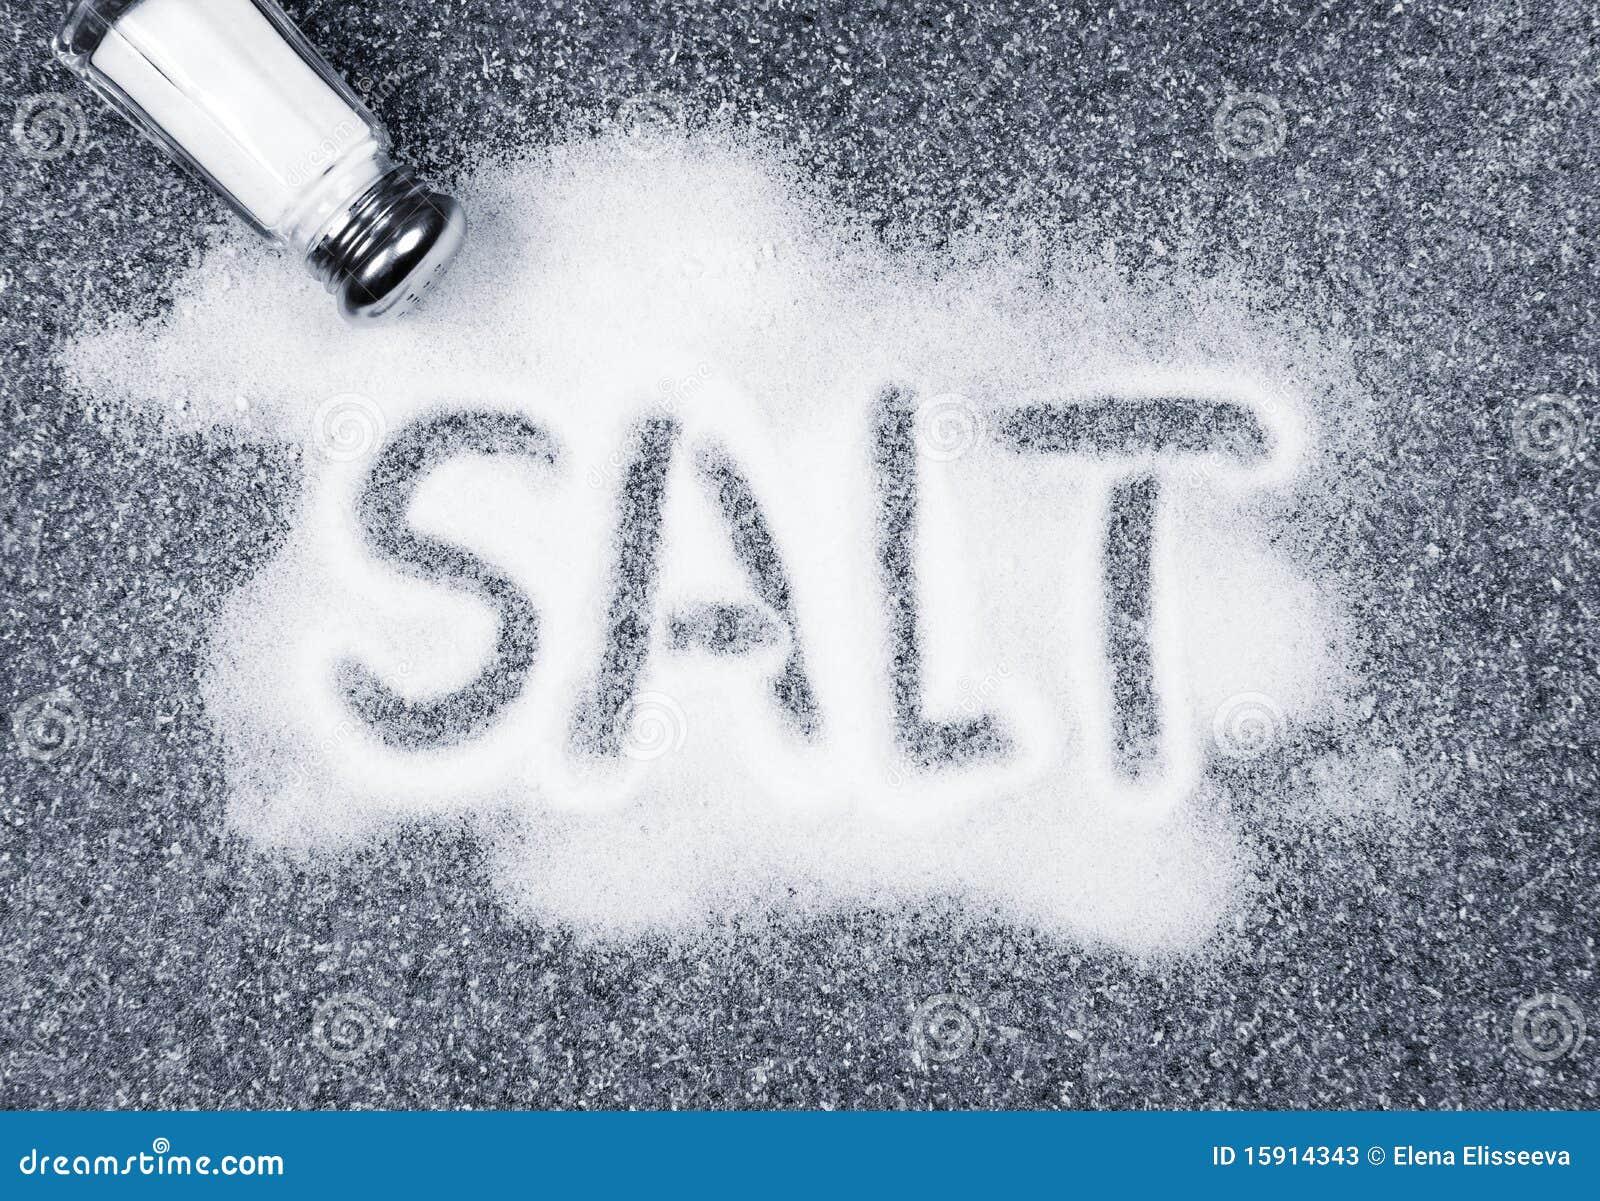 Le sel a débordé le dispositif trembleur